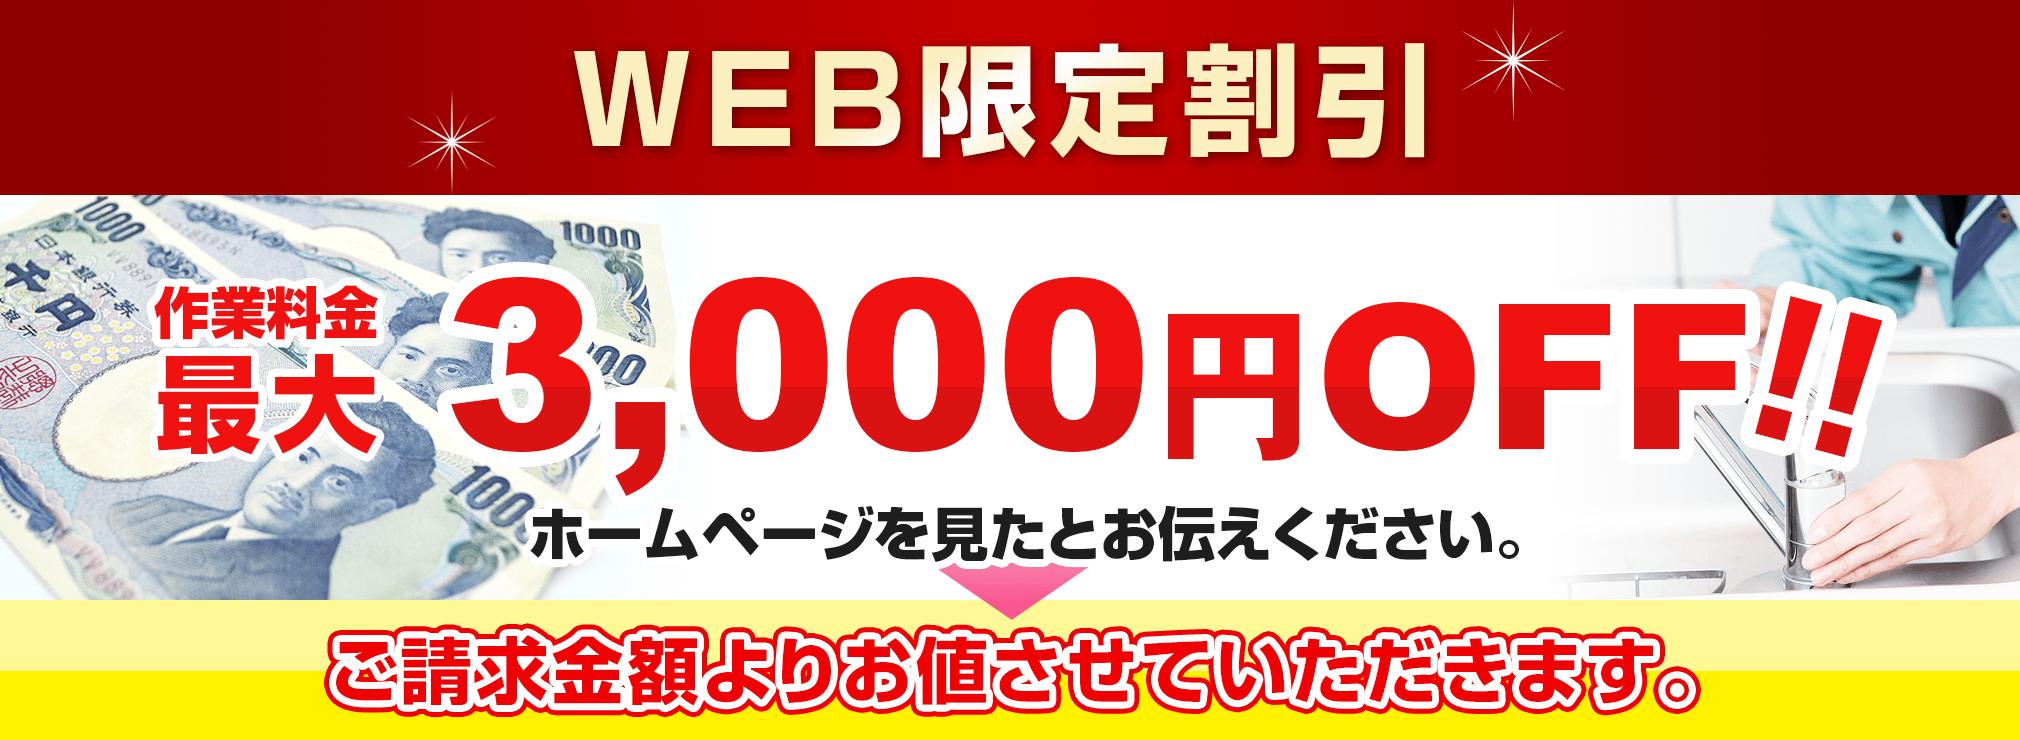 ホームページを見た!で3,000円OFF!